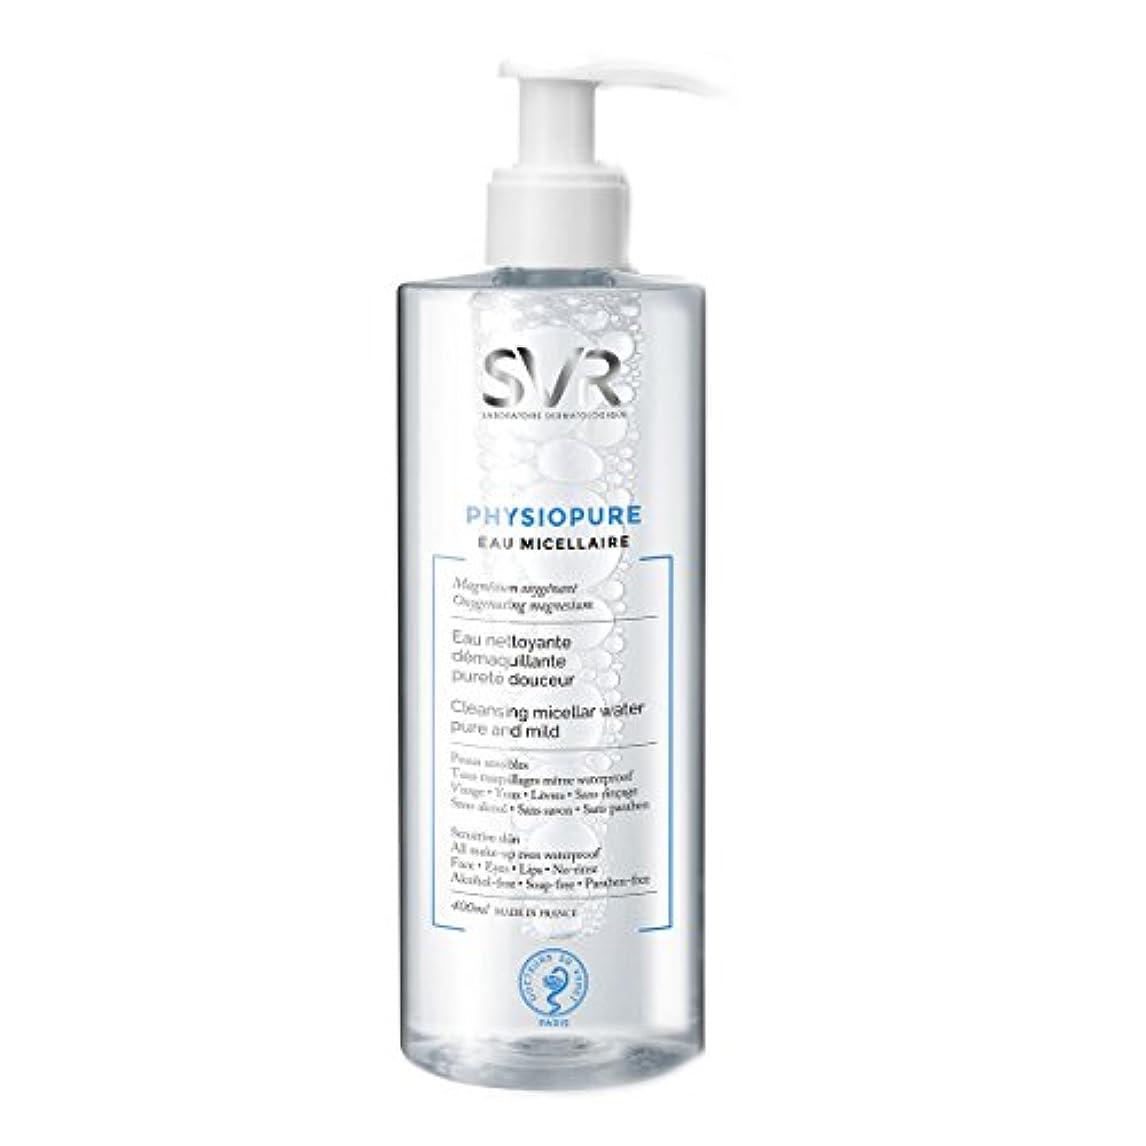 逆どちらも合併症Svr Physiopure Cleansing Micellar Water 400ml [並行輸入品]